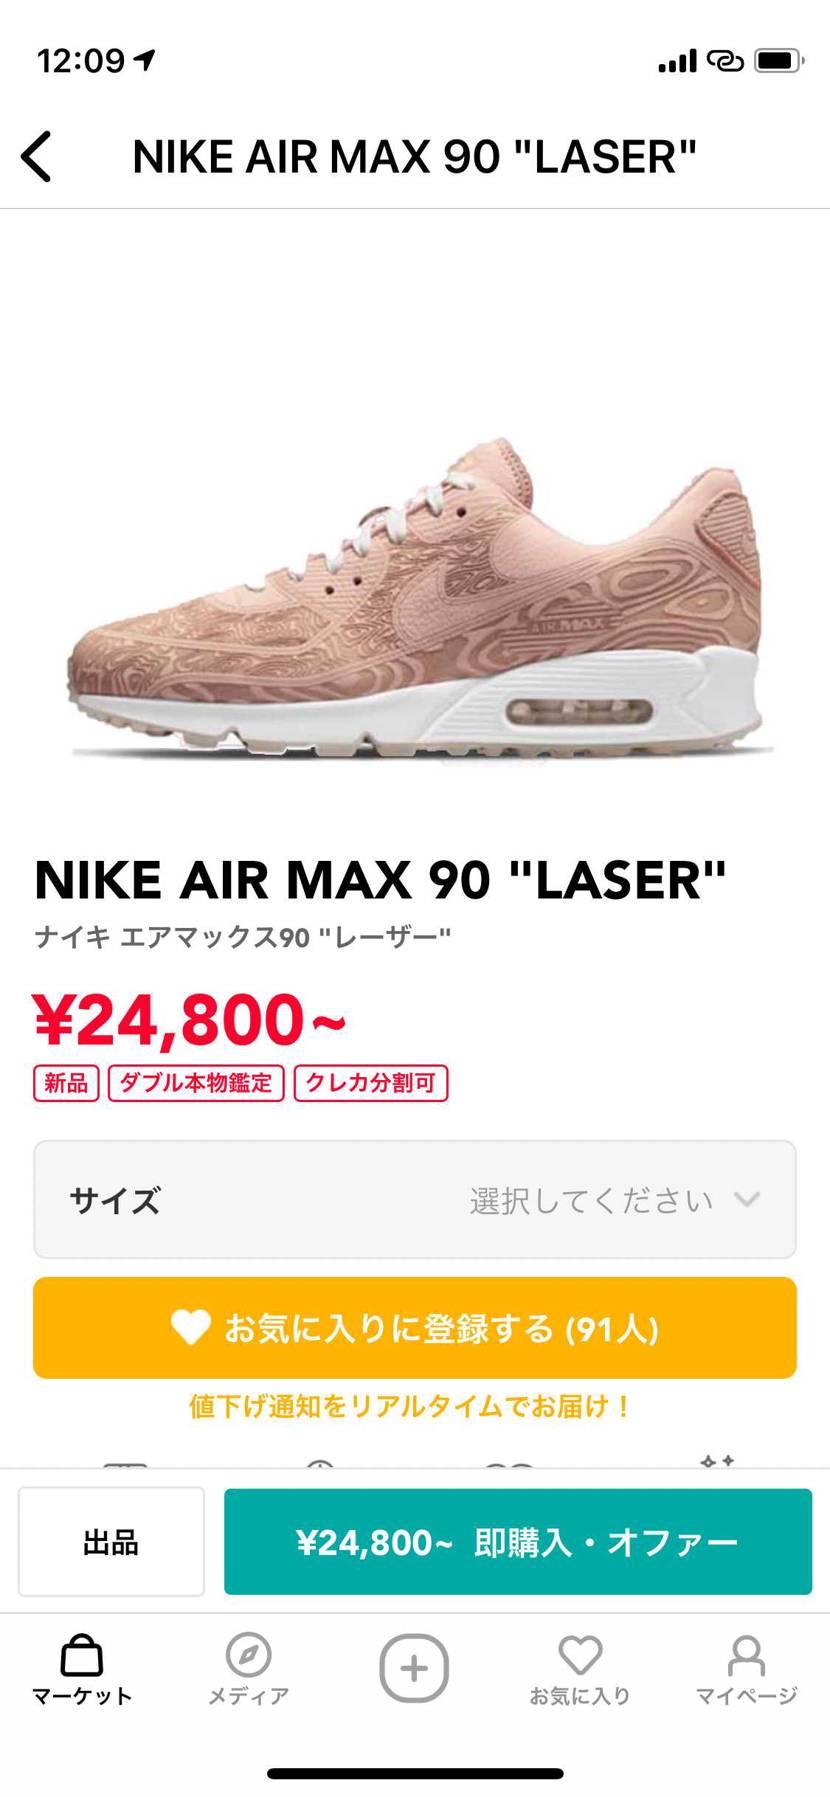 これが定価2万4千円超で売り切れるってスゴいですねえ🤔  皆さんお金持ち😁